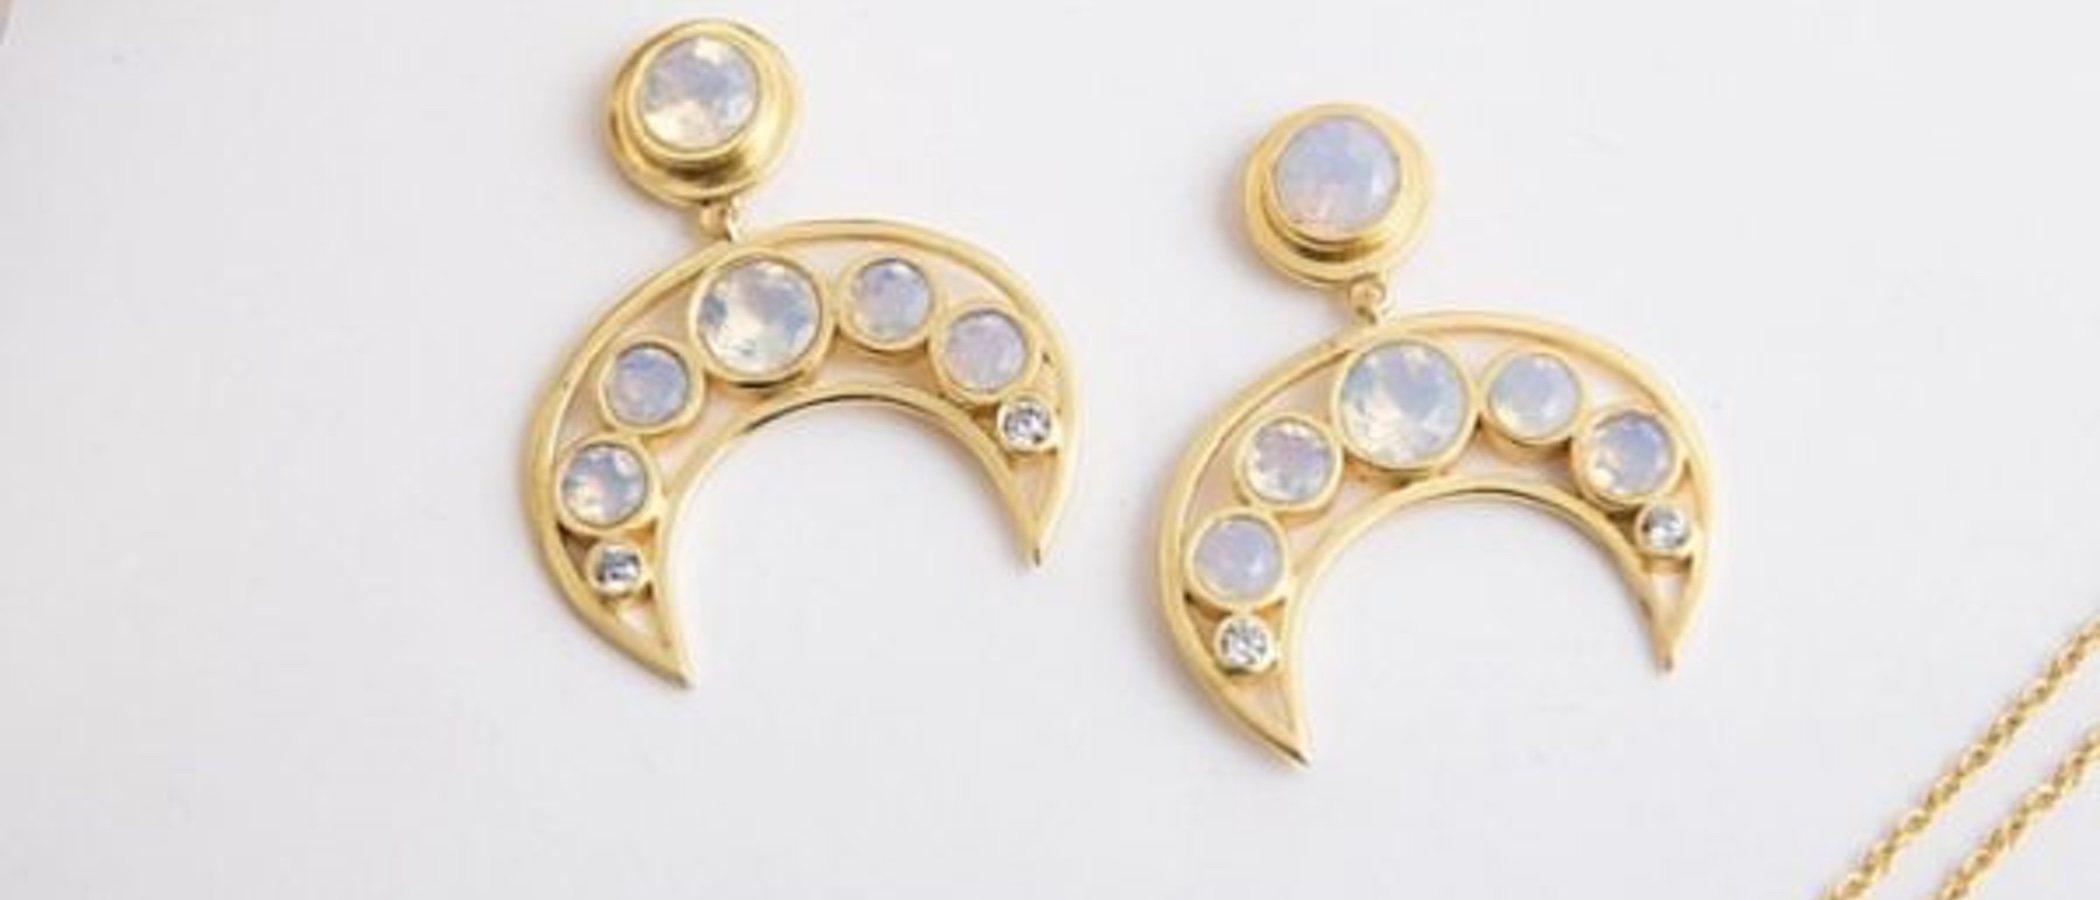 Elegante y sencilla: así es la nueva firma de joyas española Tabita Jewels